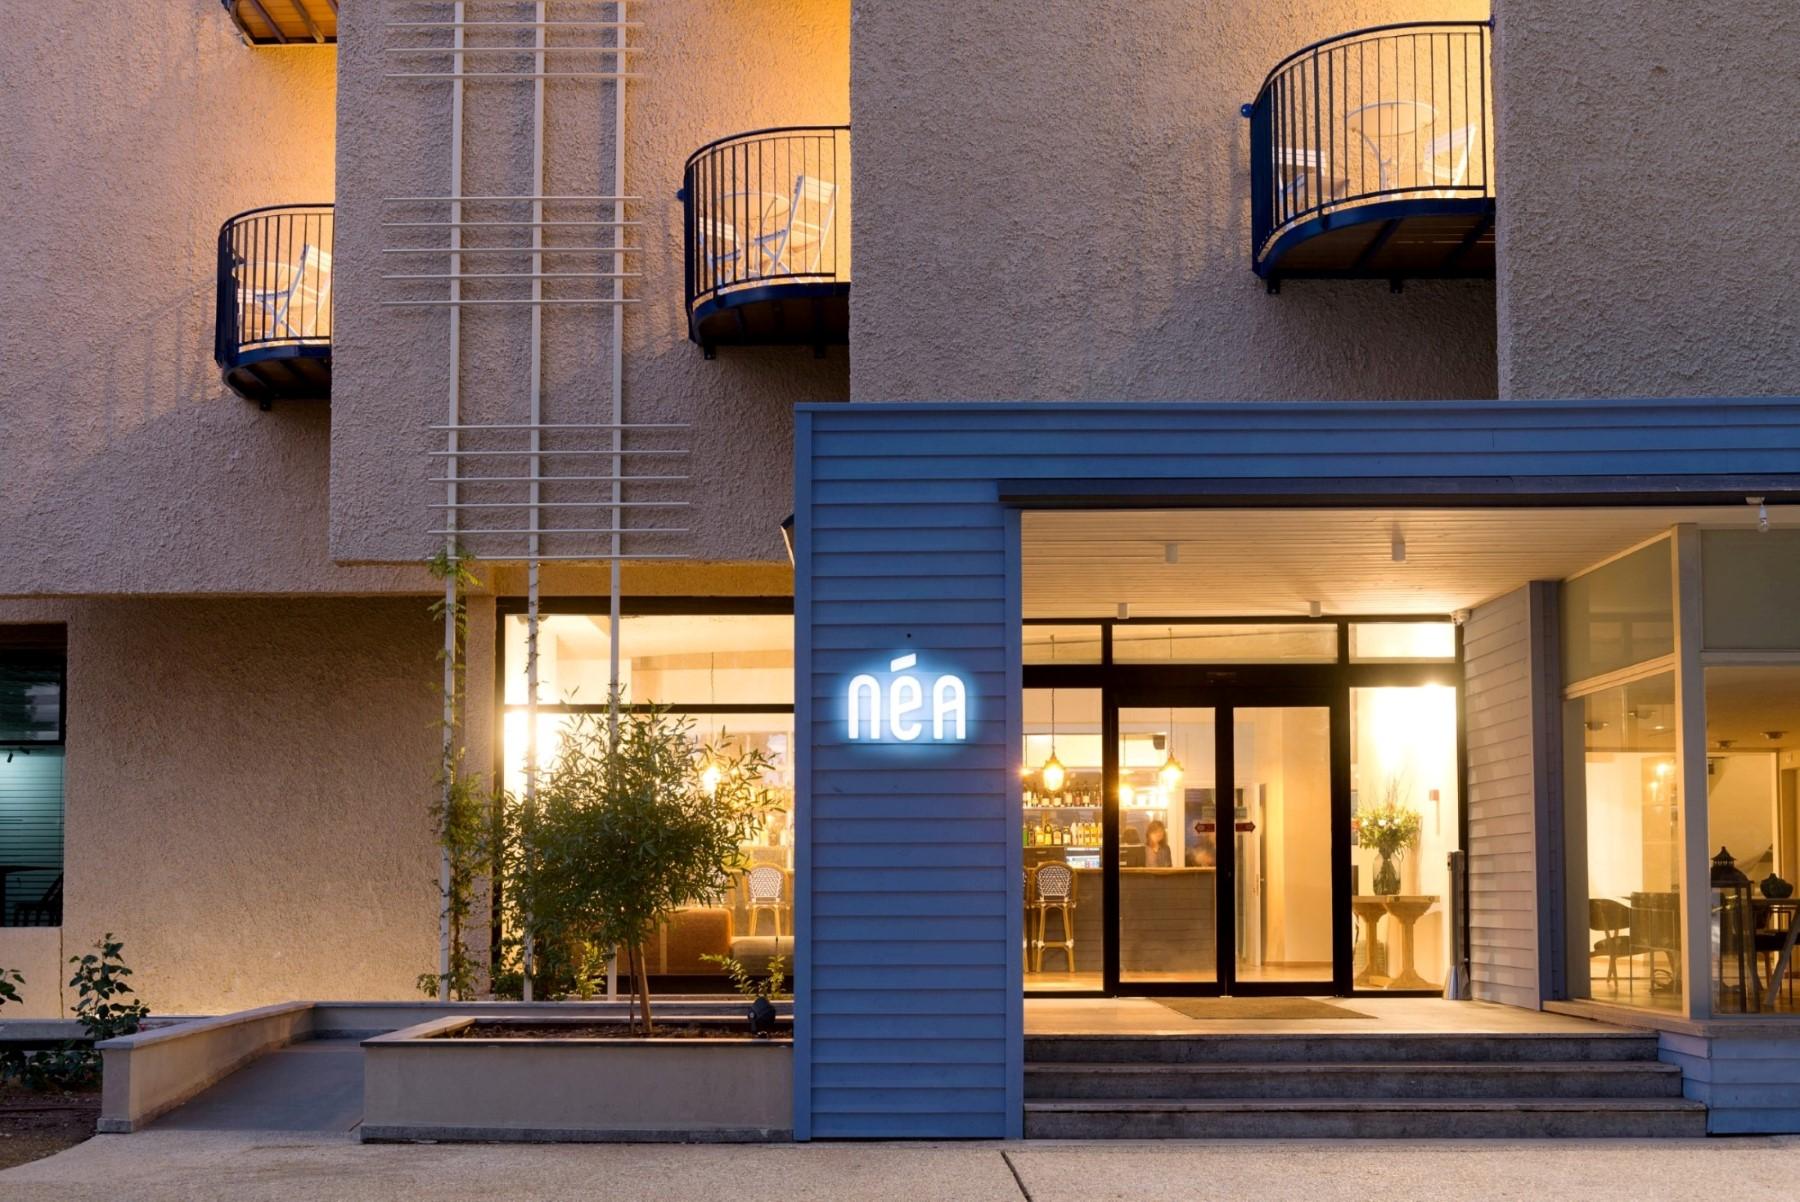 הכניסה המחודשת למלון ניאה במבנה המשופץ (צילום: גדעון לוין) (צילום: גדעון לוין)